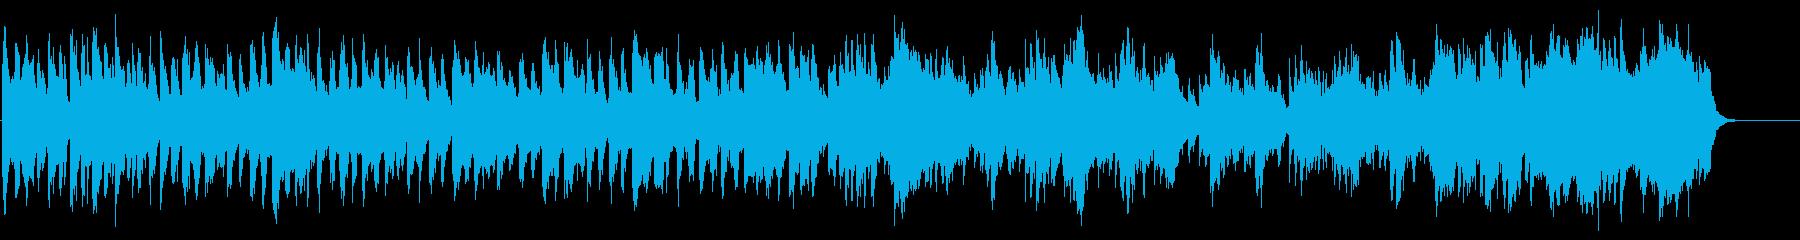 ピアノ、オーボエ、弦楽器のシリアスな曲の再生済みの波形